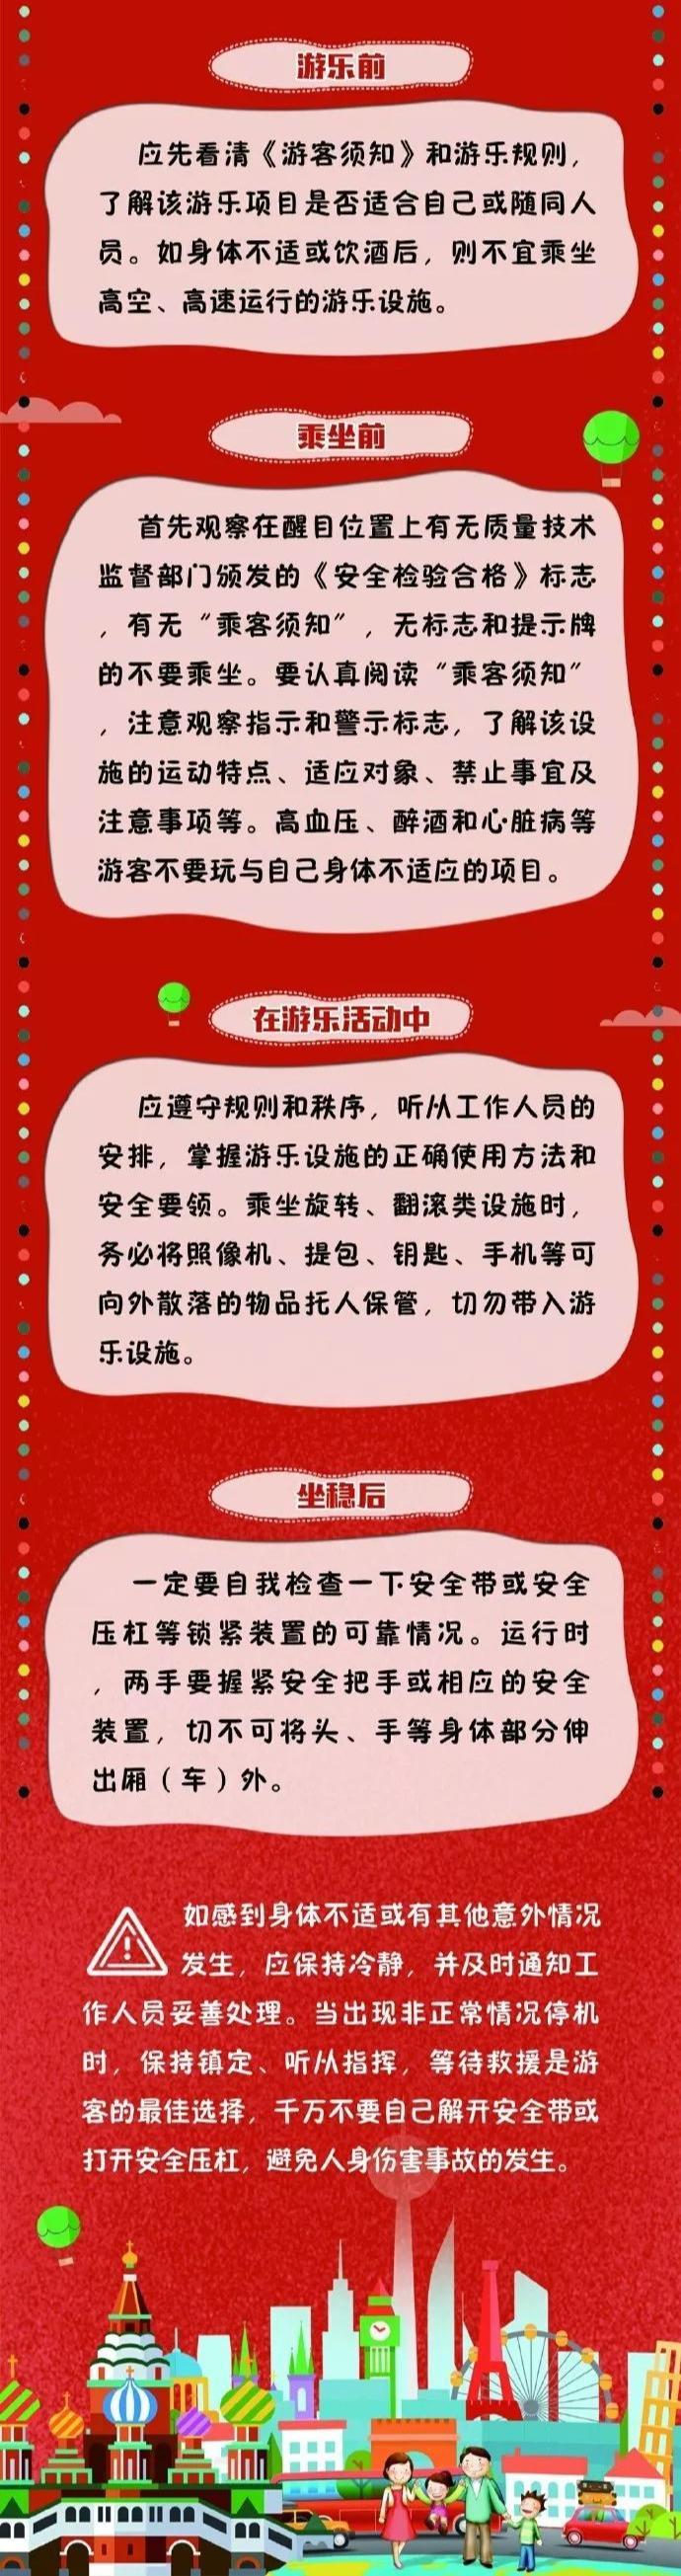 @长春人,四大娱乐新项惊喜上线试运行!胆小勿戳……